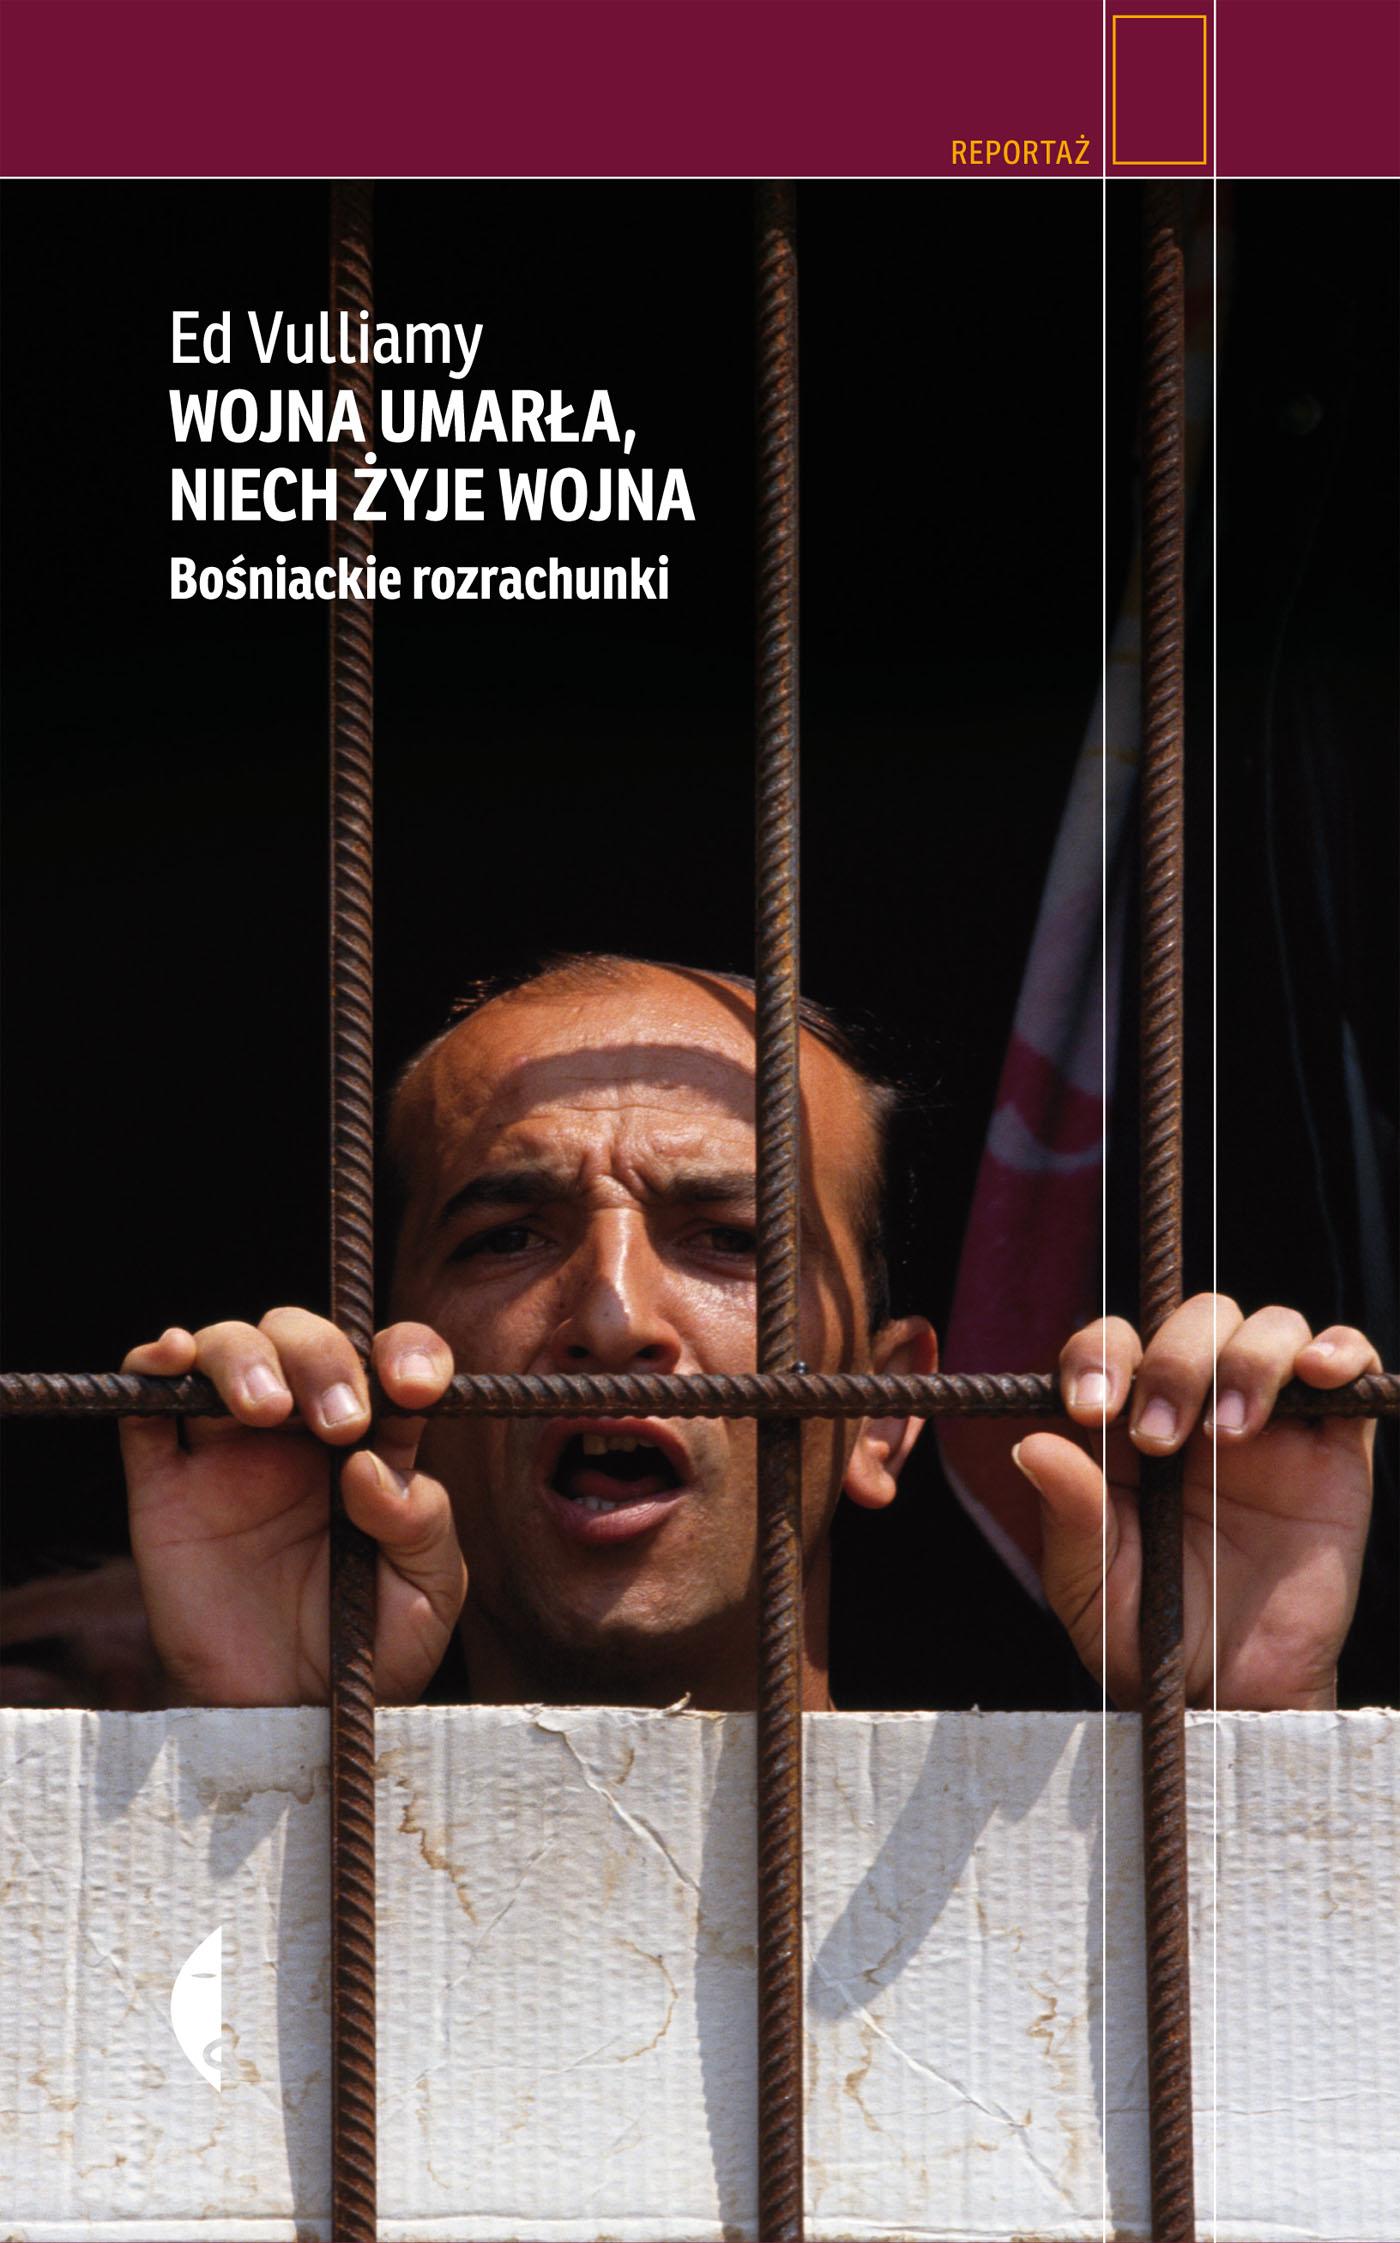 http://czarne.com.pl/uploads/catalog/product/cover/869/wojna.jpg